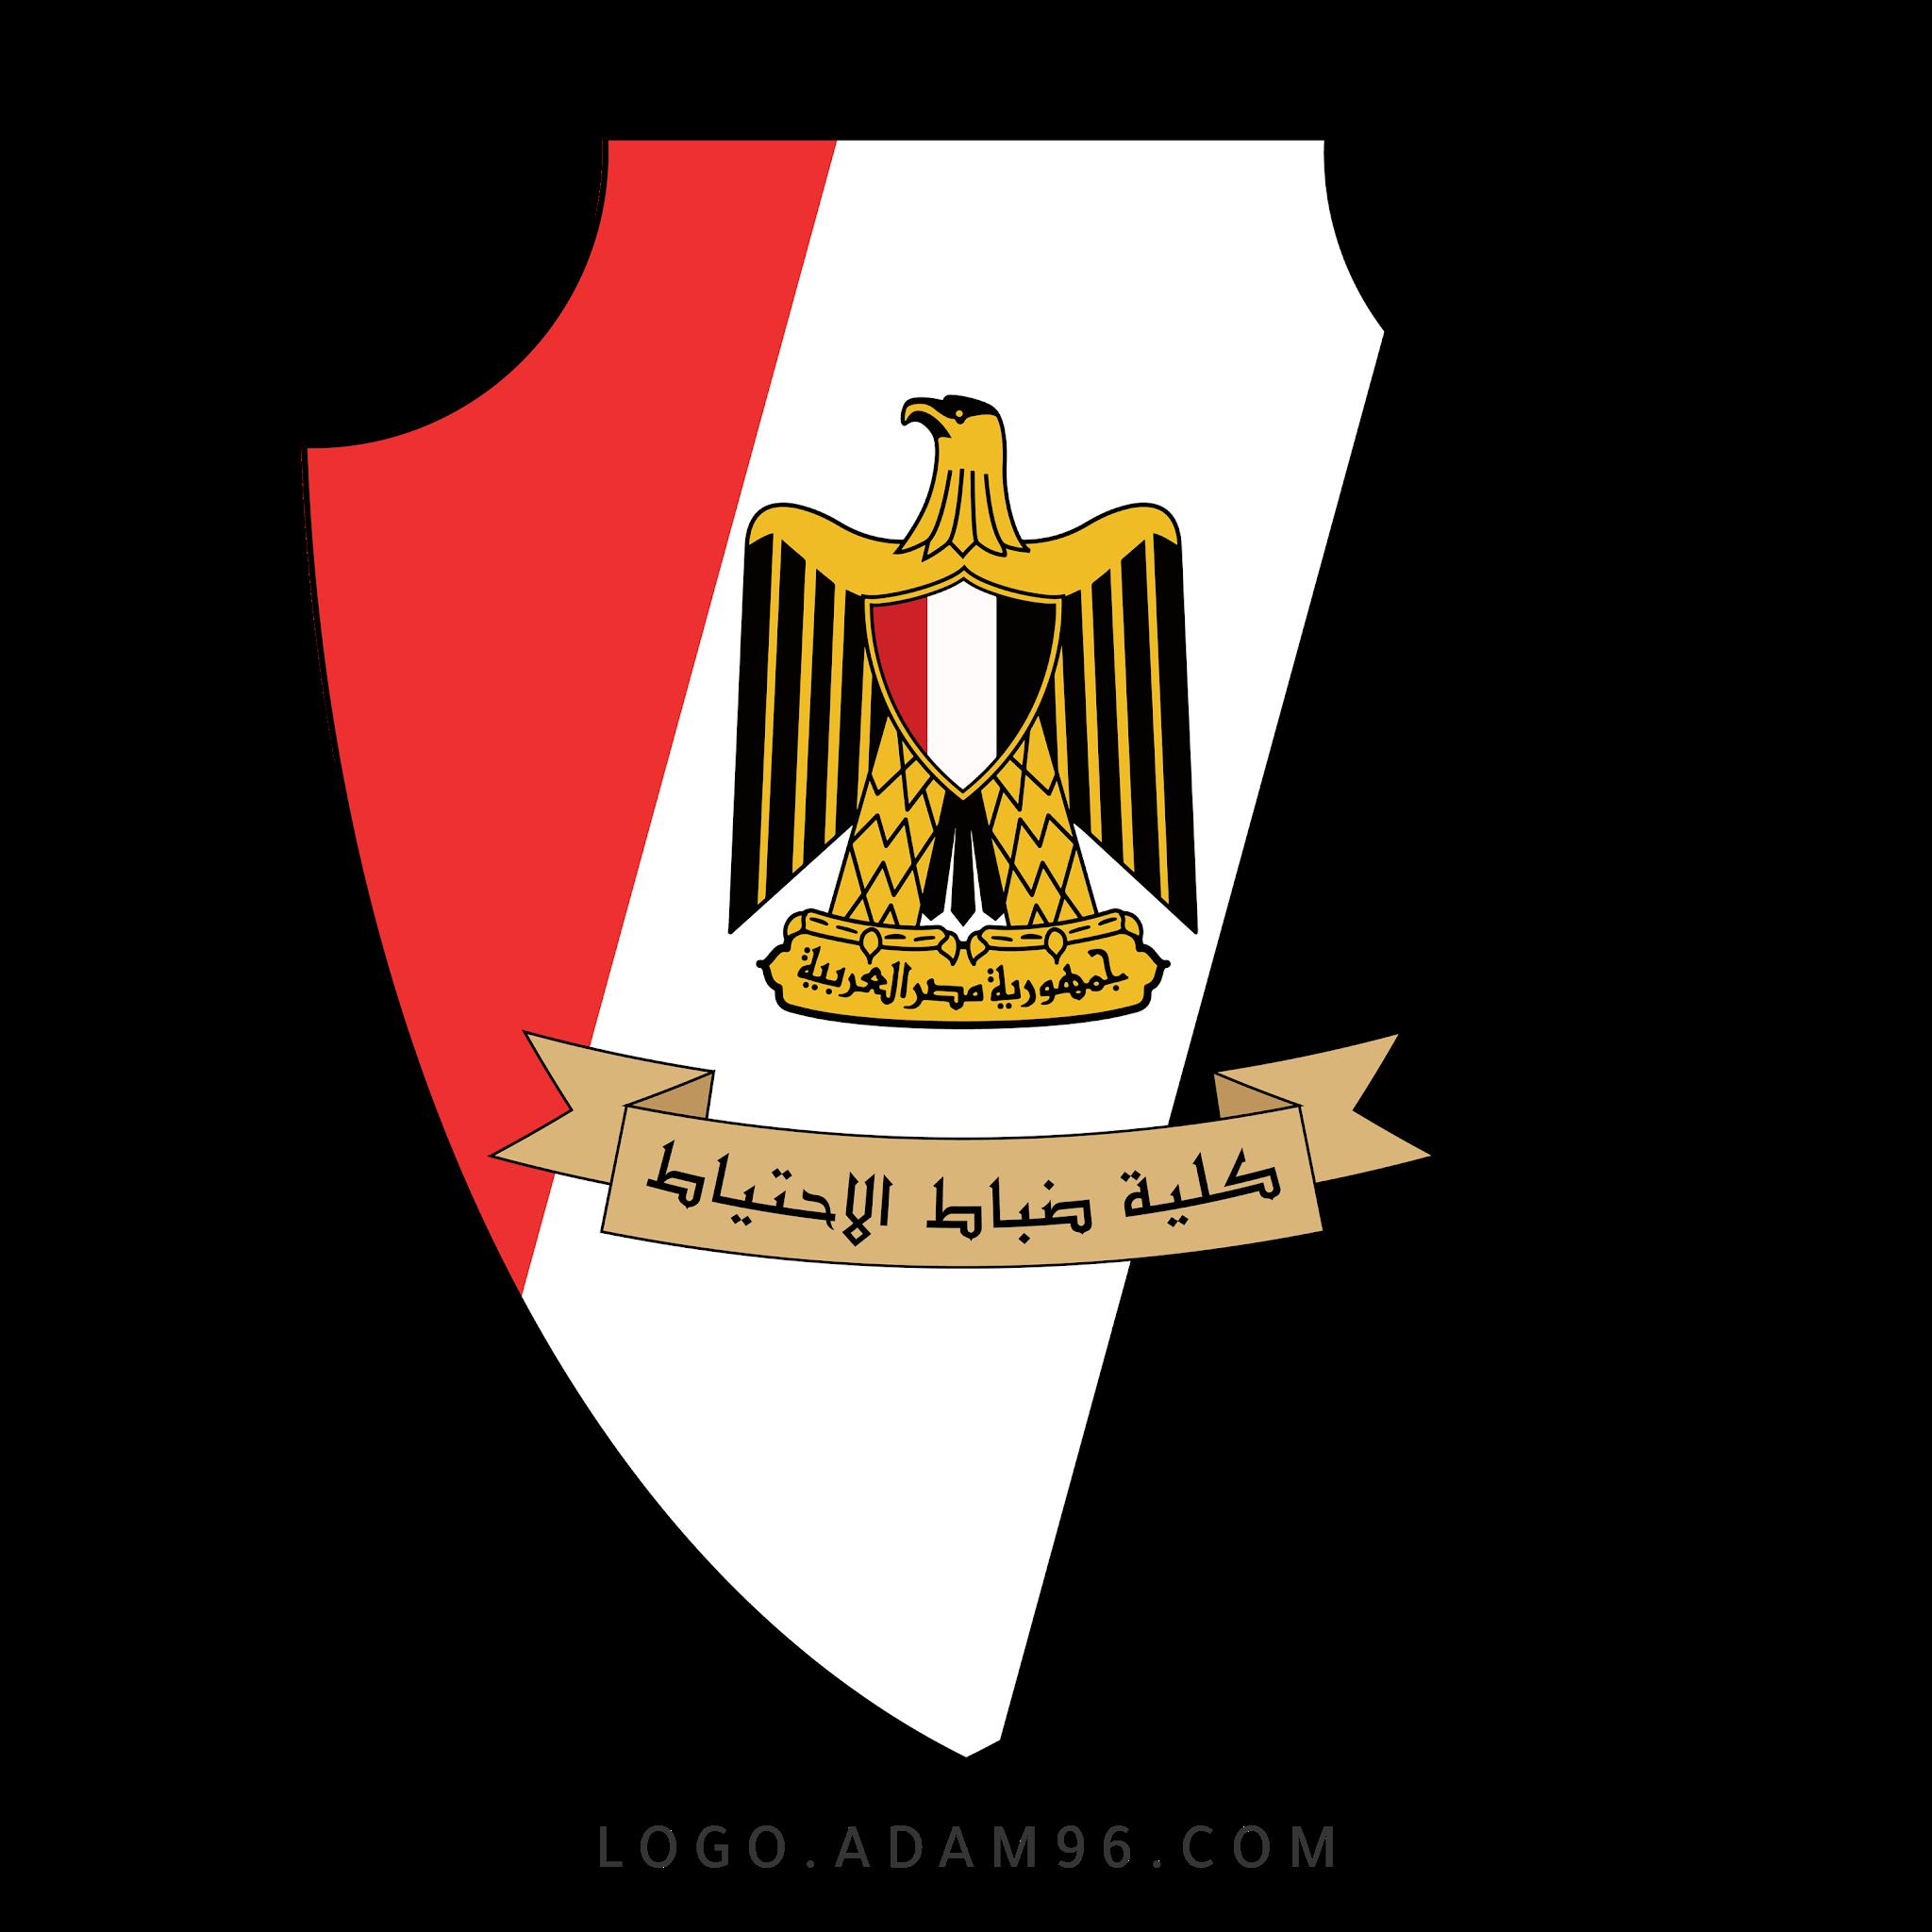 تحميل شعار كلية الضباط الاحتياط المصرية لوجو عالي الجودة بصيغة PNG